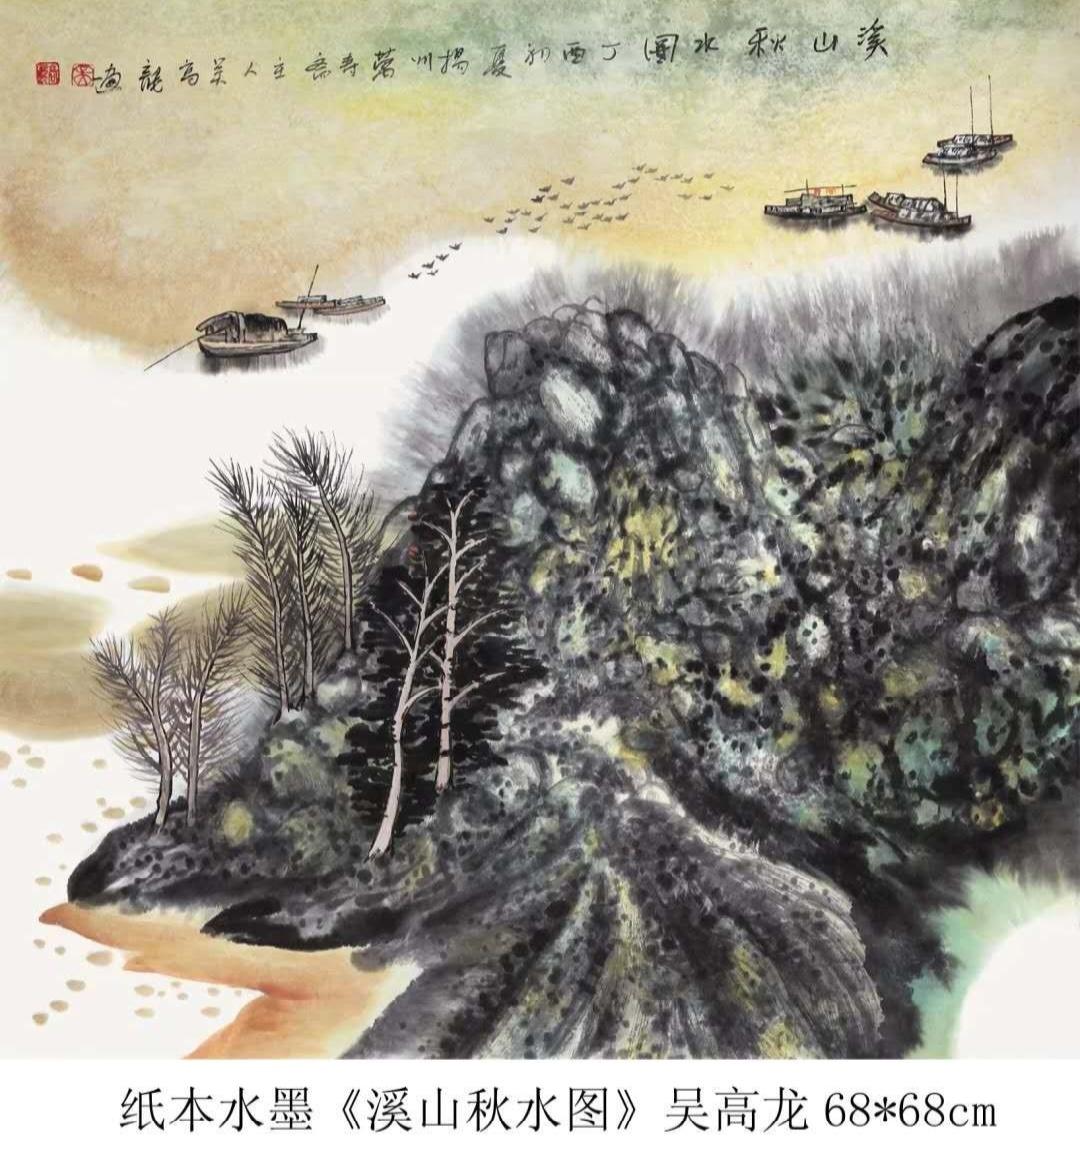 吴高龙《溪山秀水图》